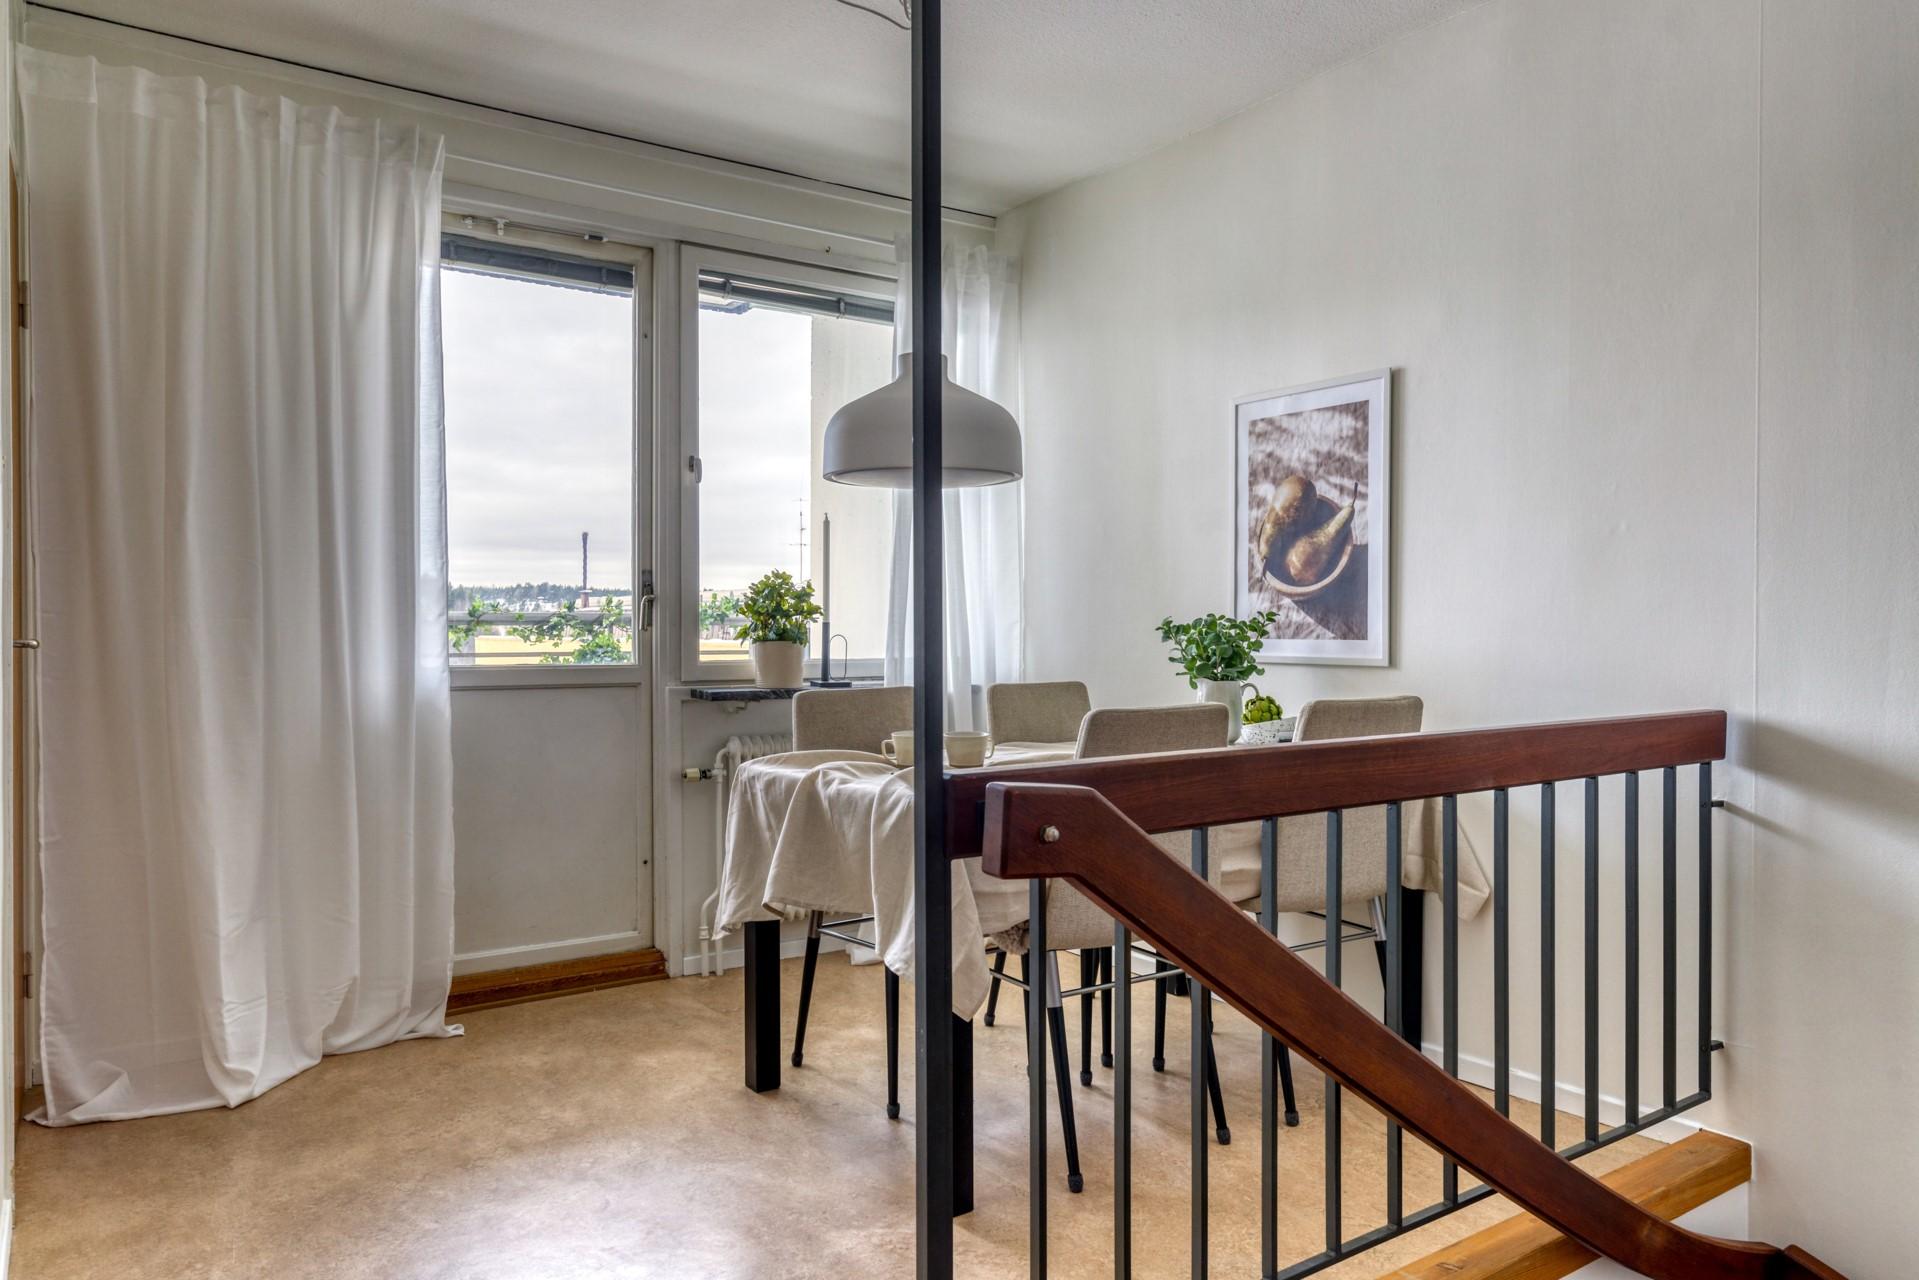 Tumba Torg 107, vån 5 - Matplats på entréplan med utgång till balkong